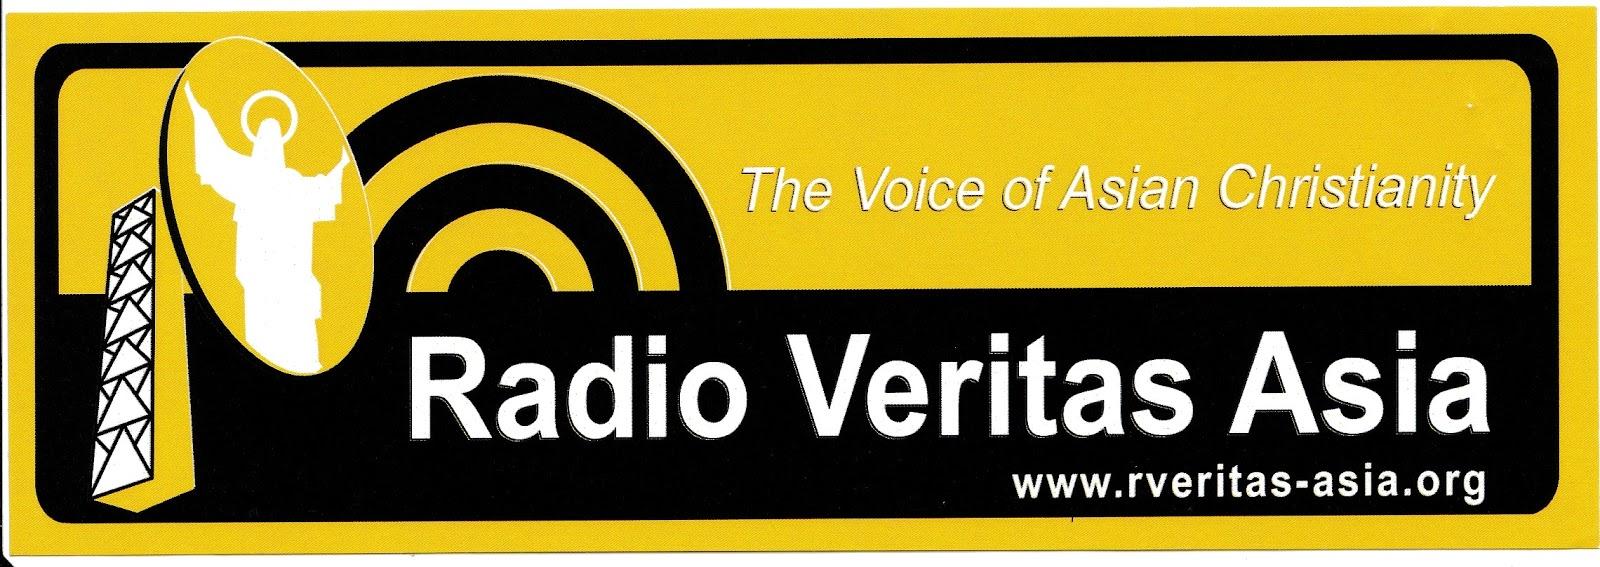 Radio Veritas Asia Adhesiu.jpg